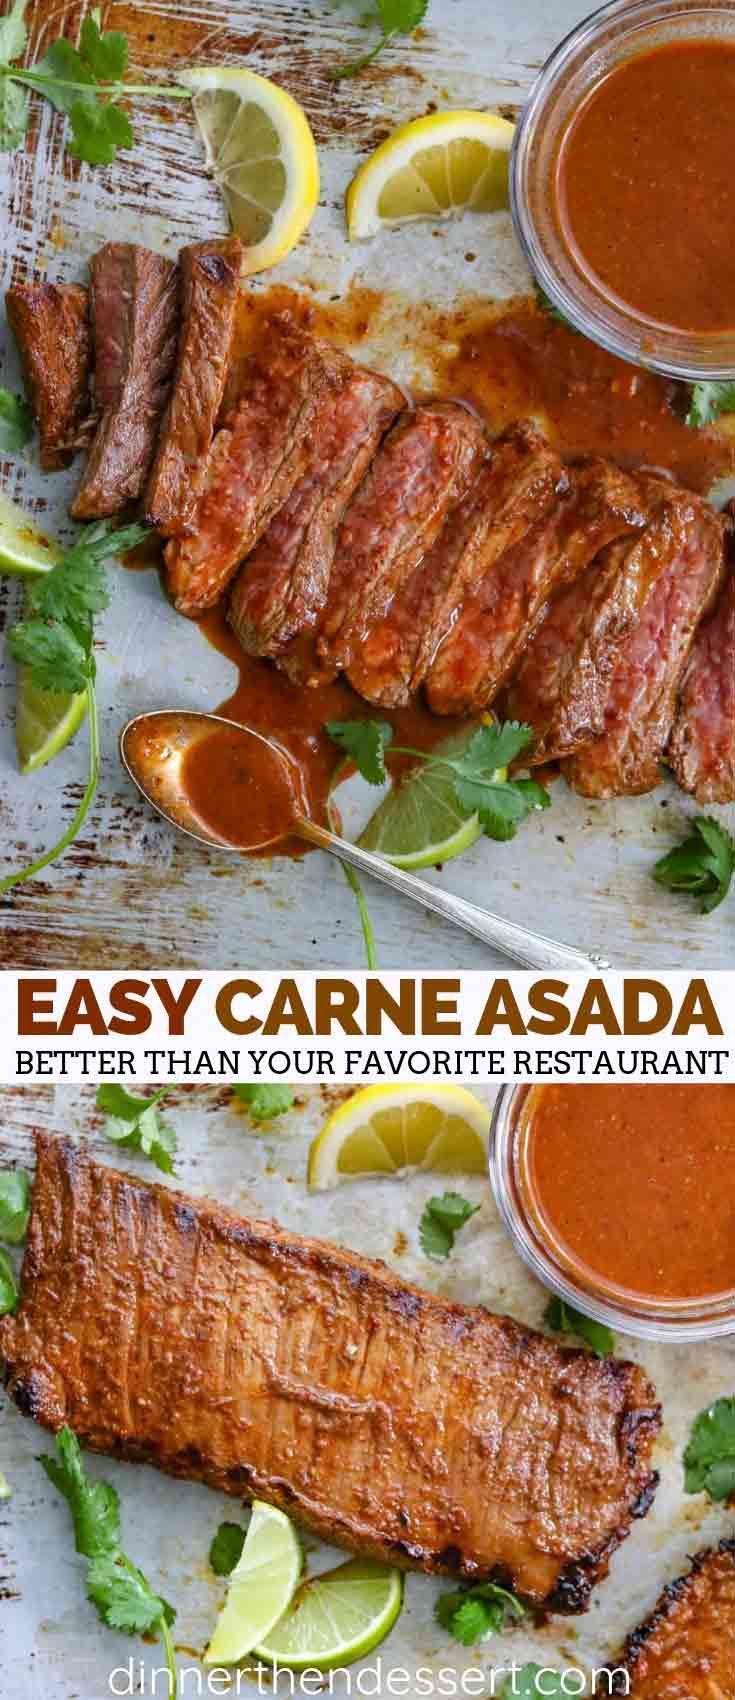 Easy Carne Asada - Dinner, then Dessert